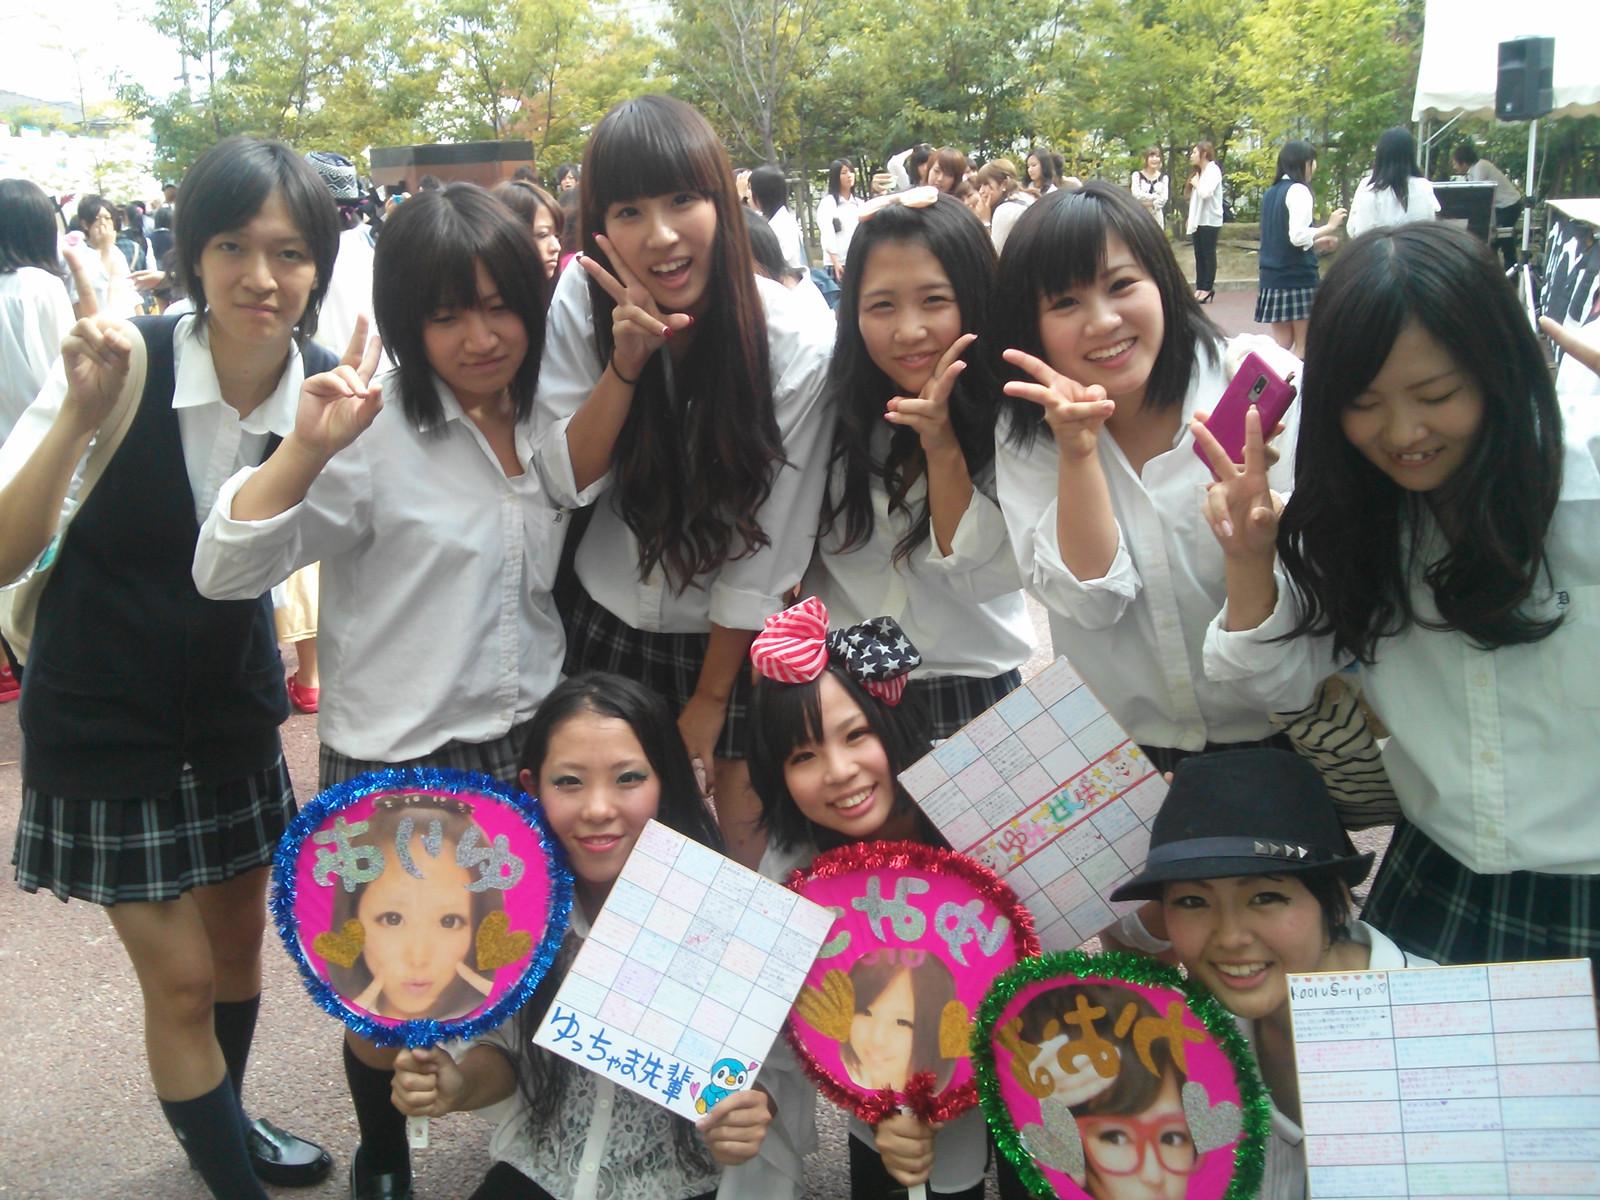 文化祭ではしゃぐリア充10代小娘がブスでもカワイく見える現象wwwwwwwwwwww(インスタえろ写真あり)